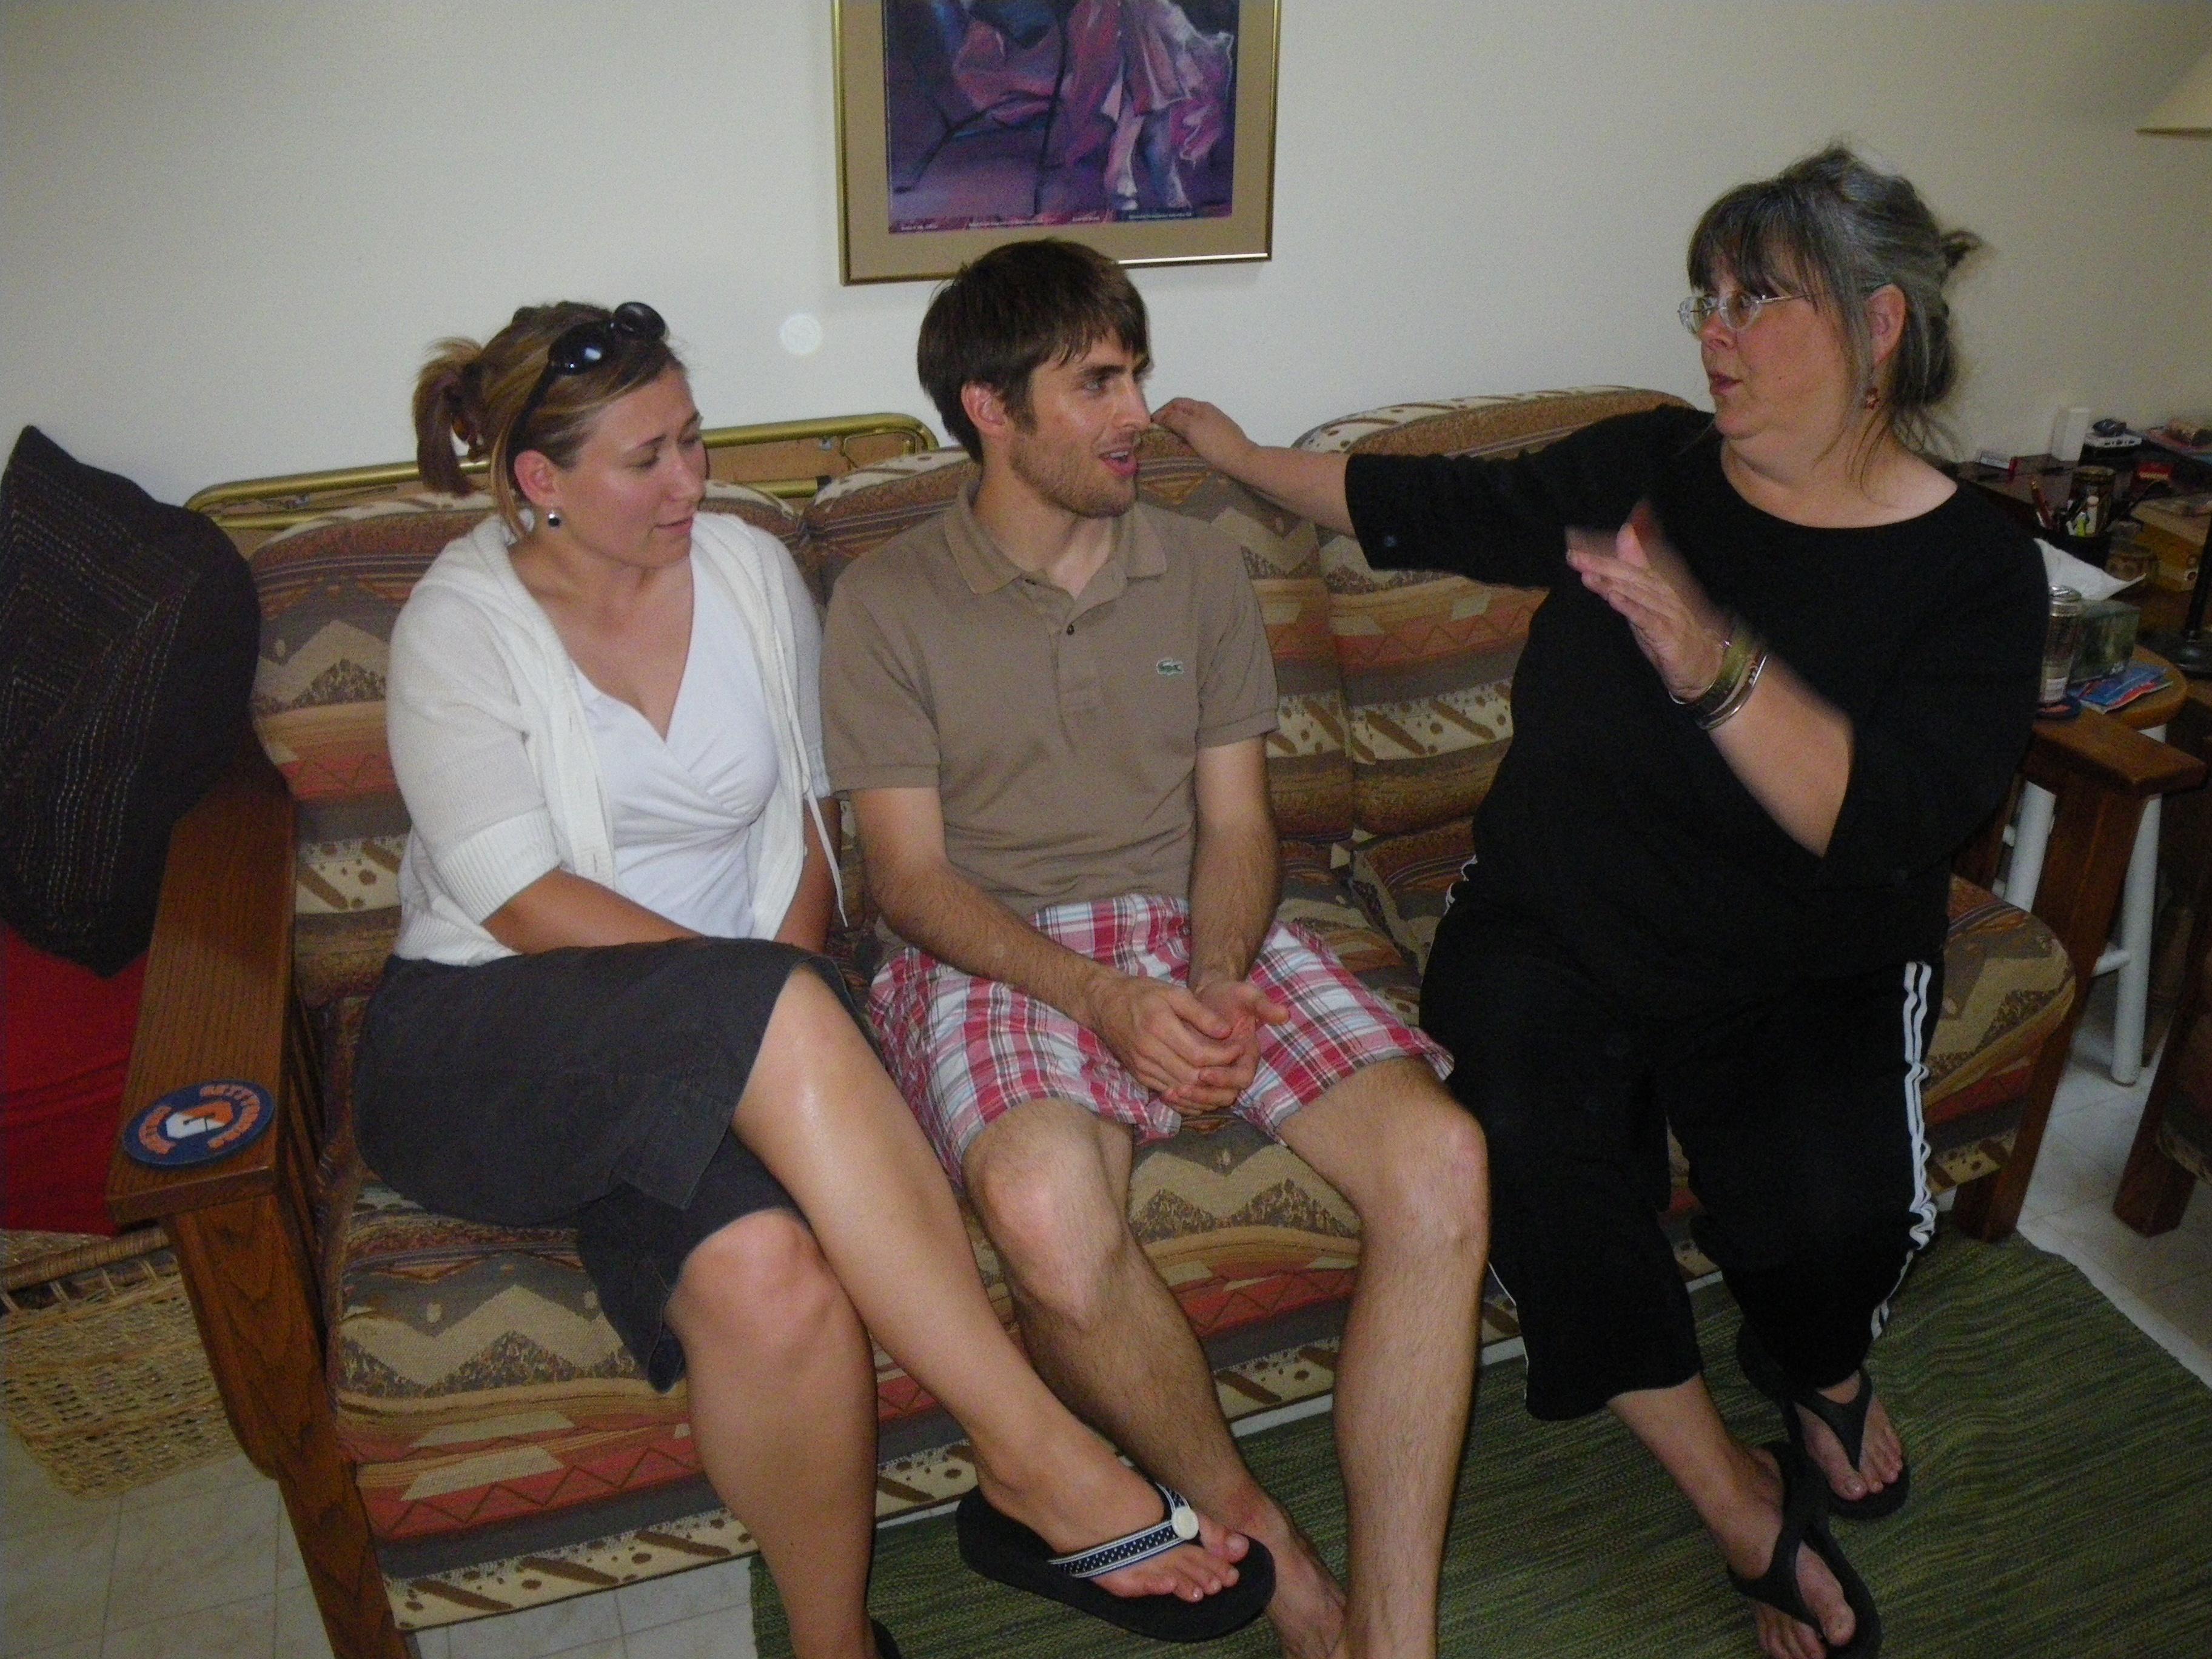 2009-06-20-weekend-in-morgantown-3